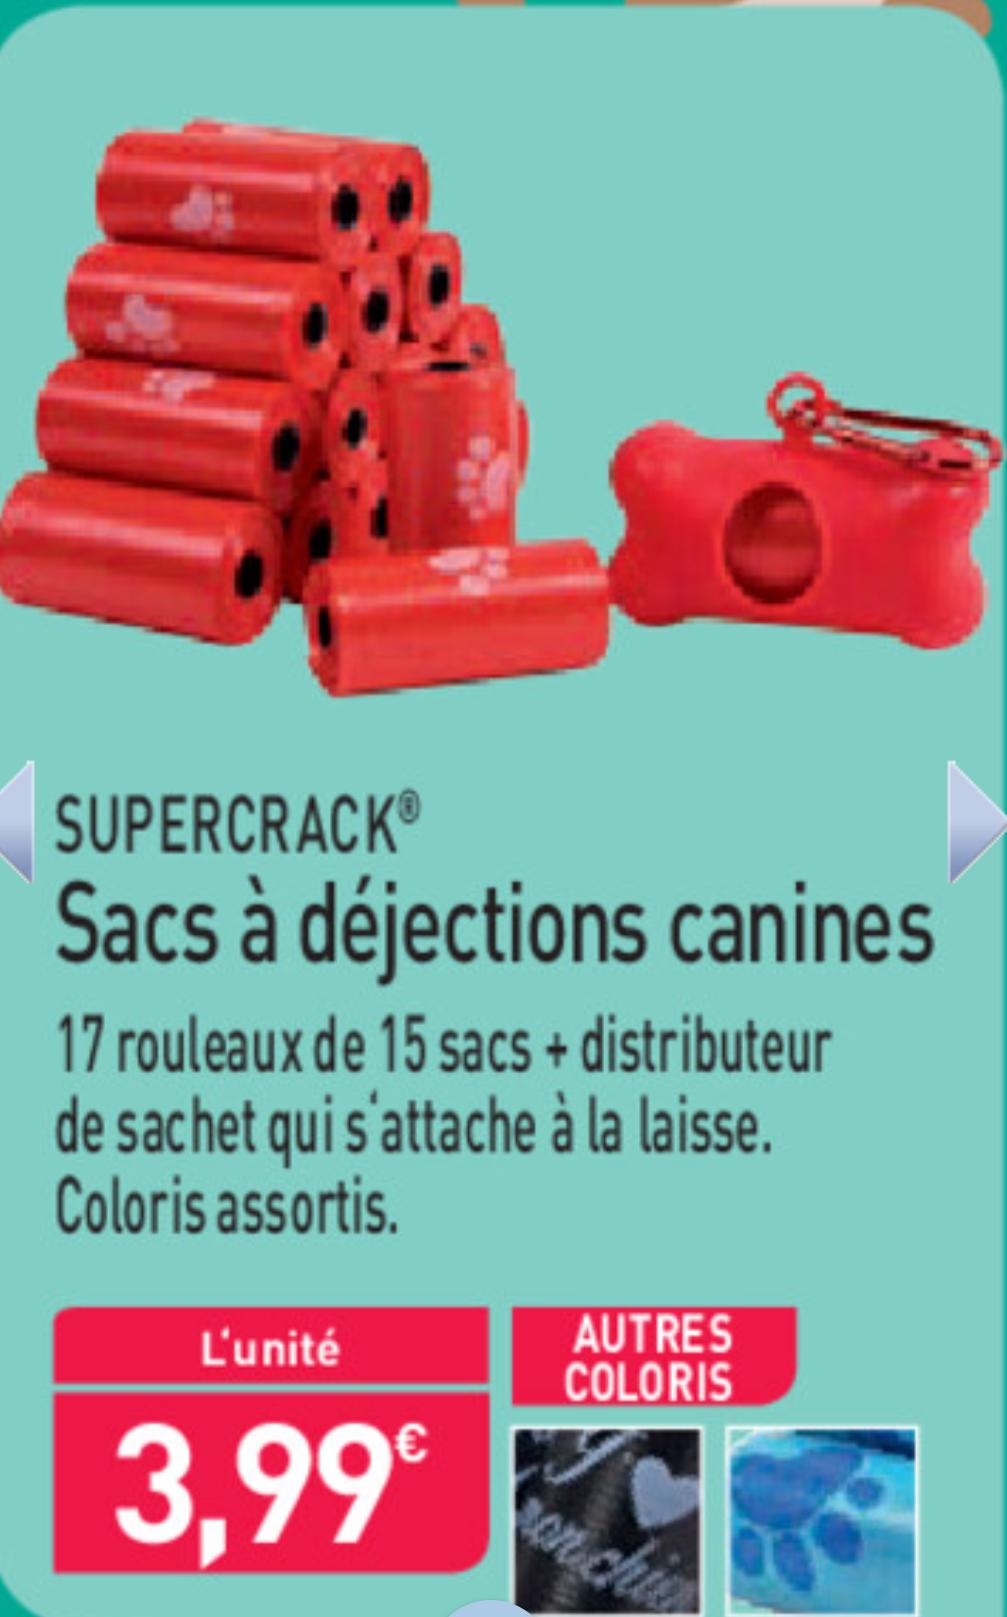 Distributeur de sacs à déjections canines SuperCrack - avec 17 rouleaux de 15 sacs (255 sacs)